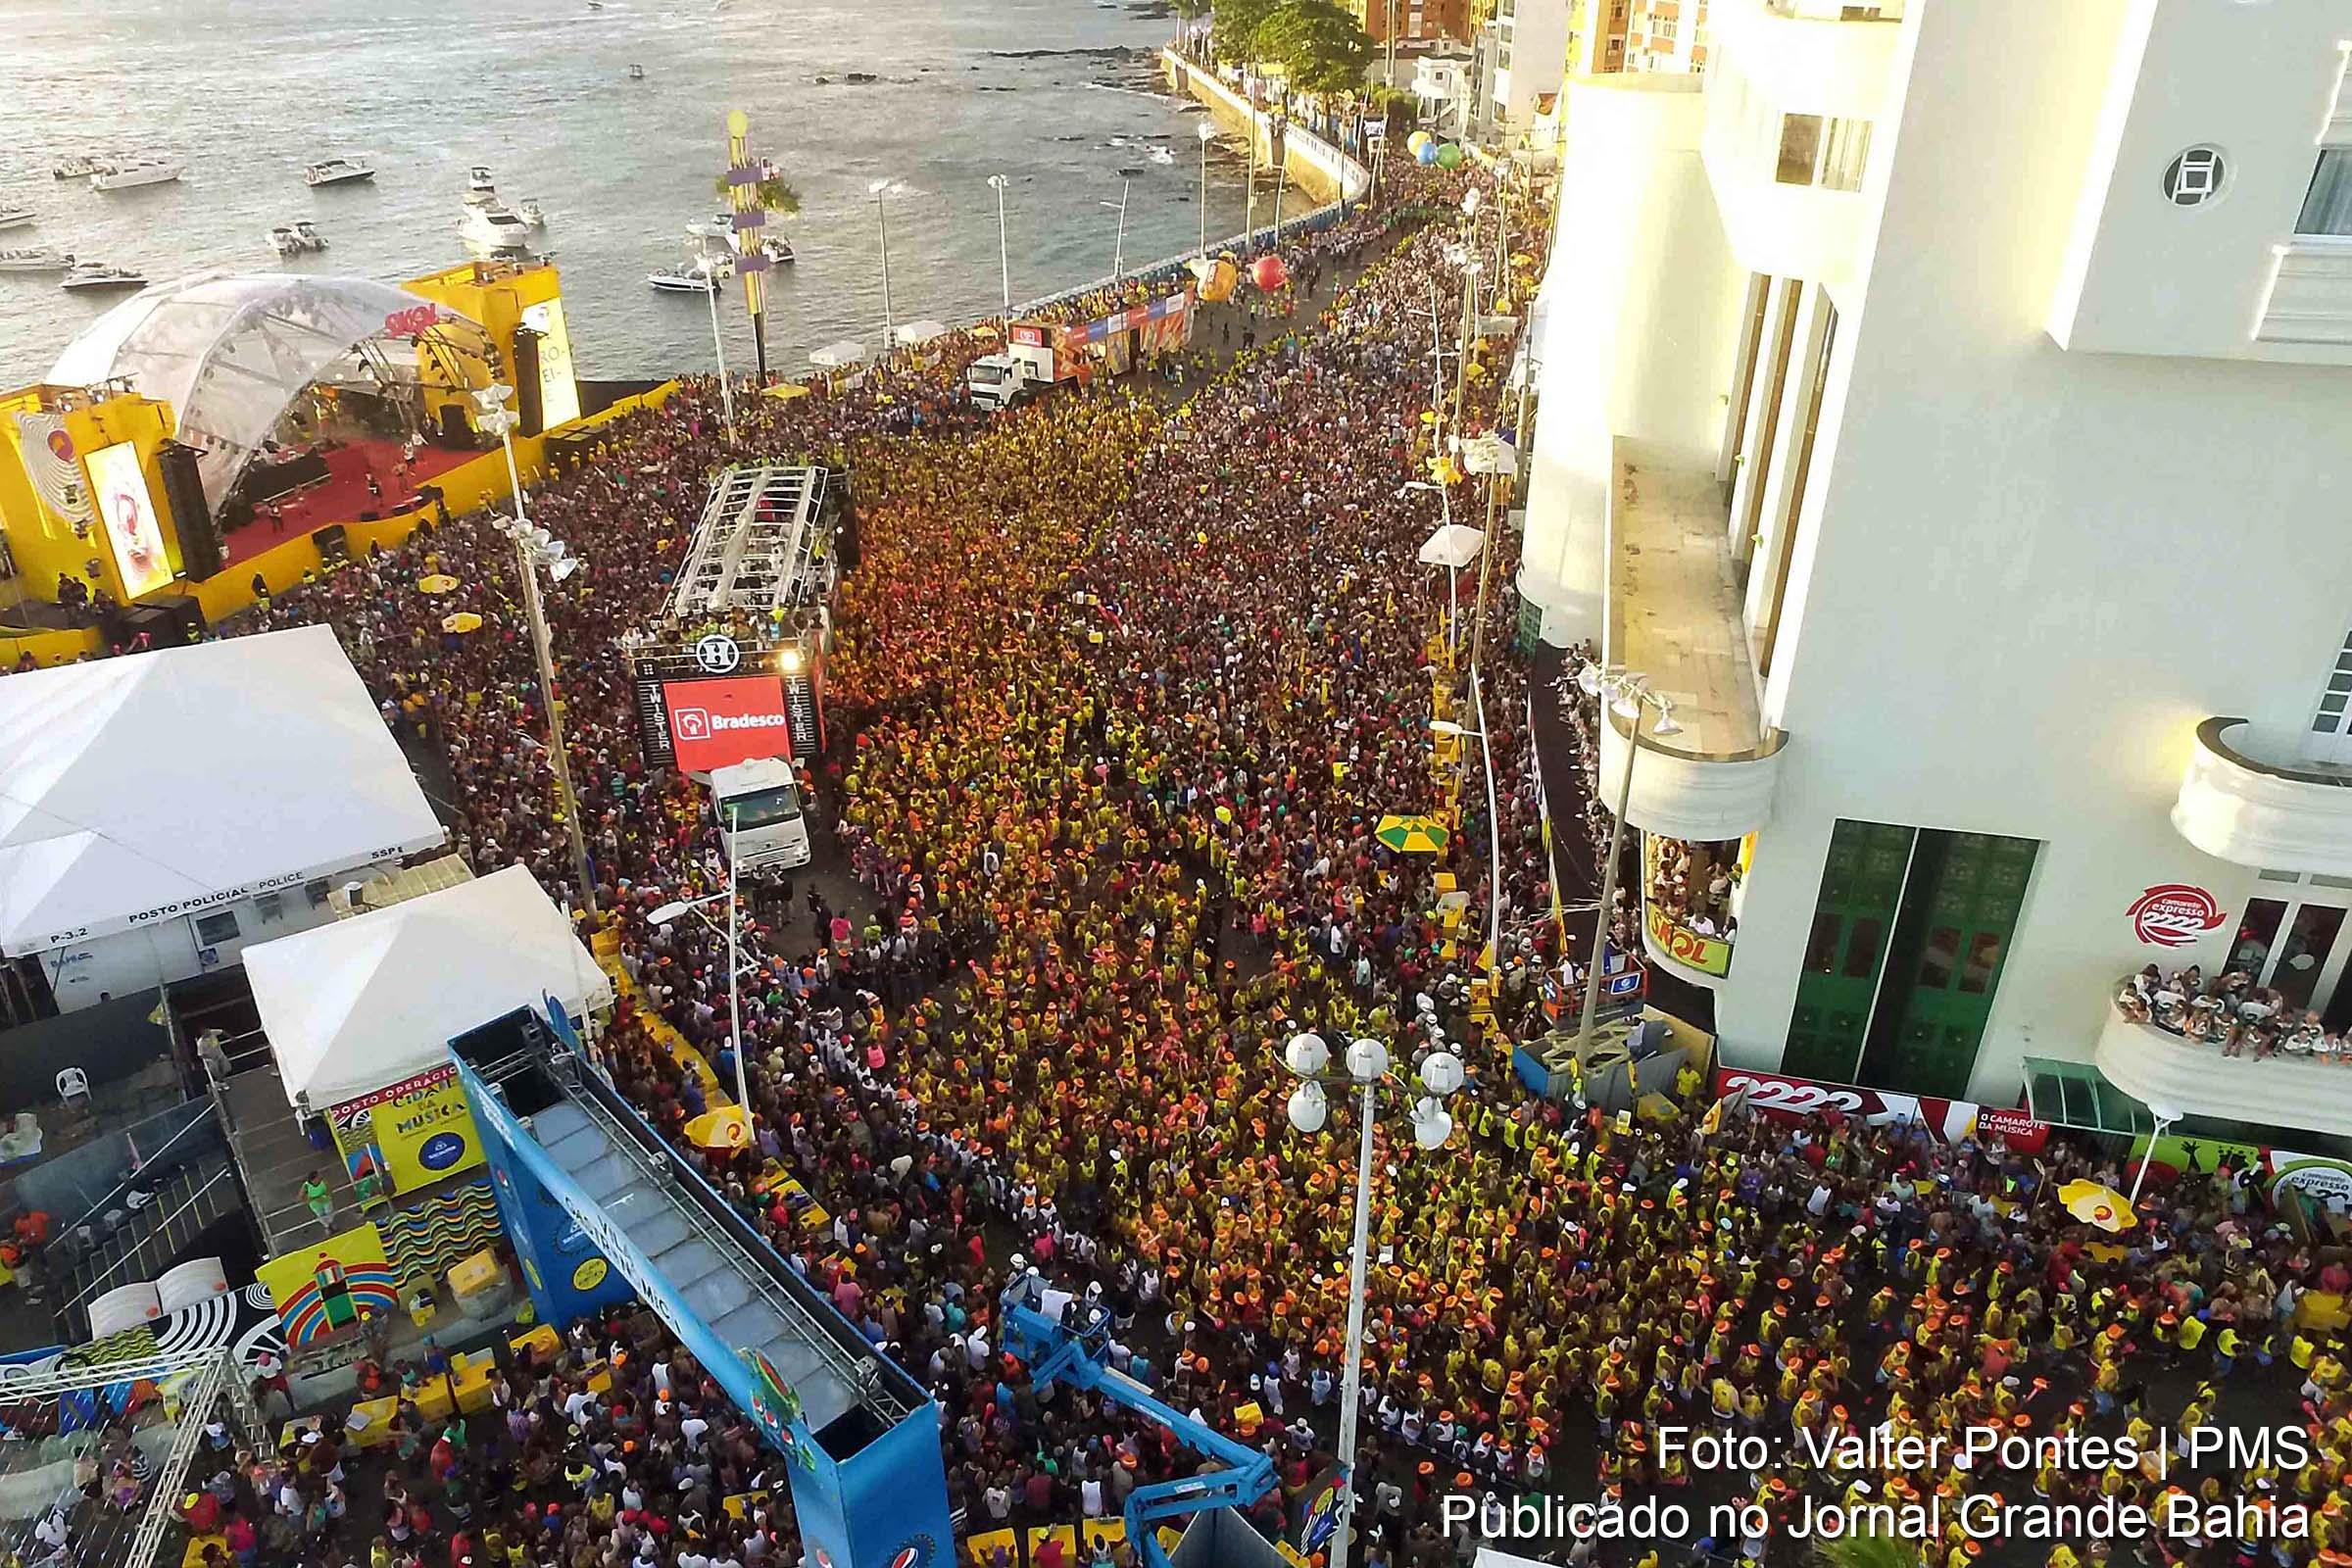 Prefeitura vai intensificar fiscaliza��o nos dias em que aconteceria o Carnaval